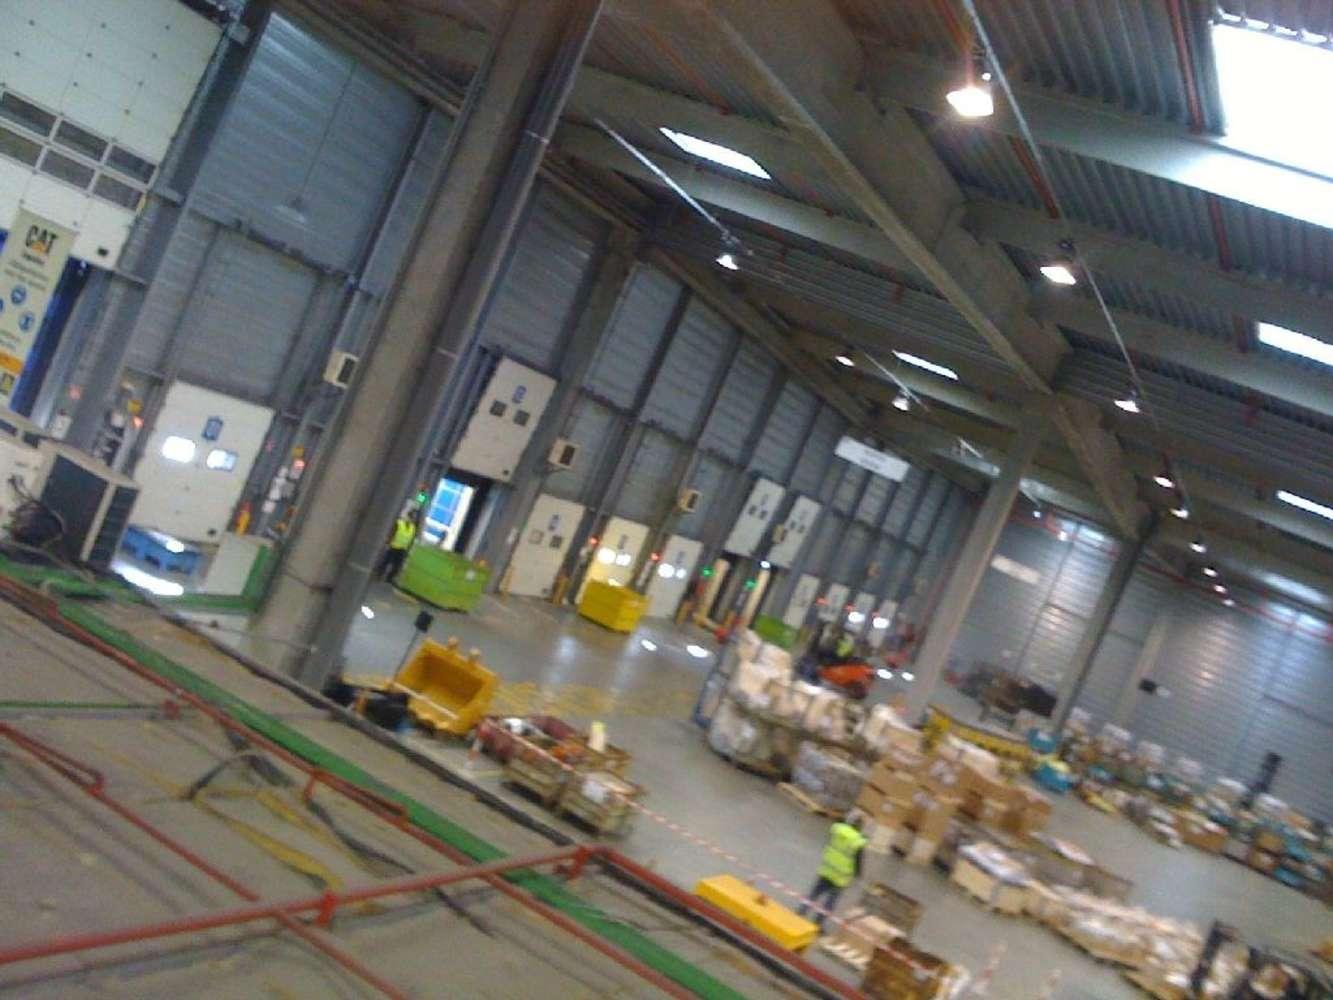 Plateformes logistiques Le versoud, 38420 - Achat / Location entrepot Lyon Est (38) - 9926556